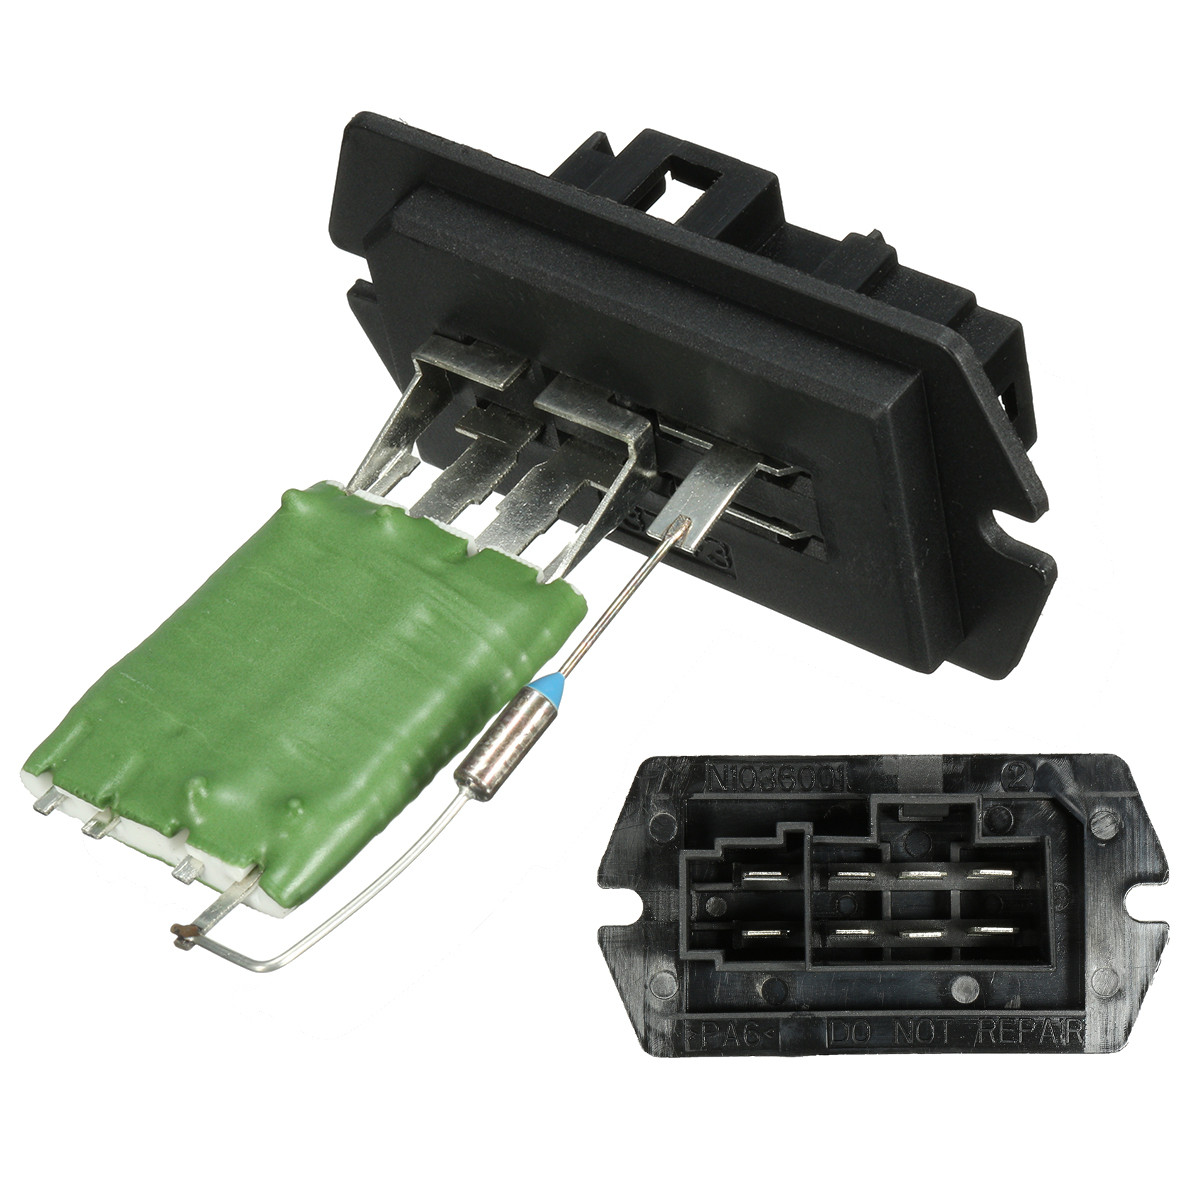 8 pinos Heater Blower Motor Resistor Para Dodge/Chrysler/Voyager/Grand 68029175AA 5369610 RU362 JA1473